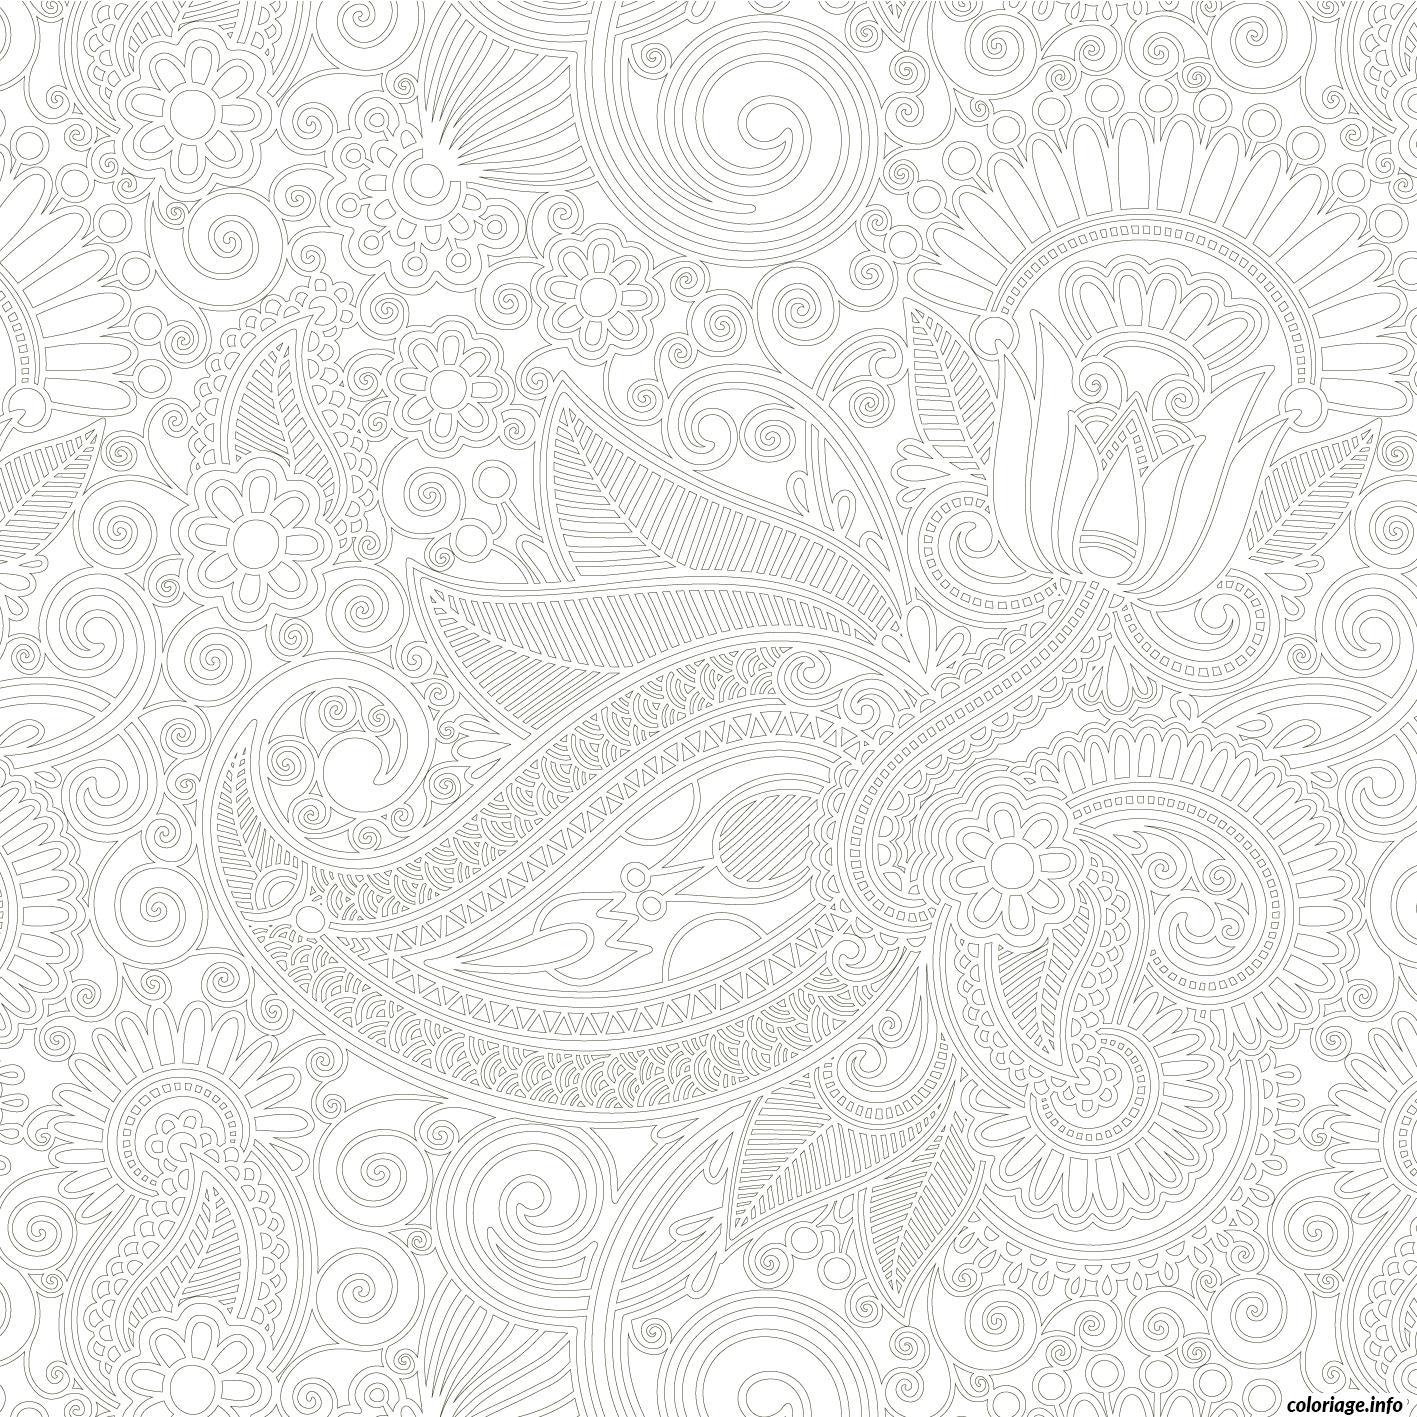 Dessin dessin adulte antistress inspiration zen 70 Coloriage Gratuit à Imprimer